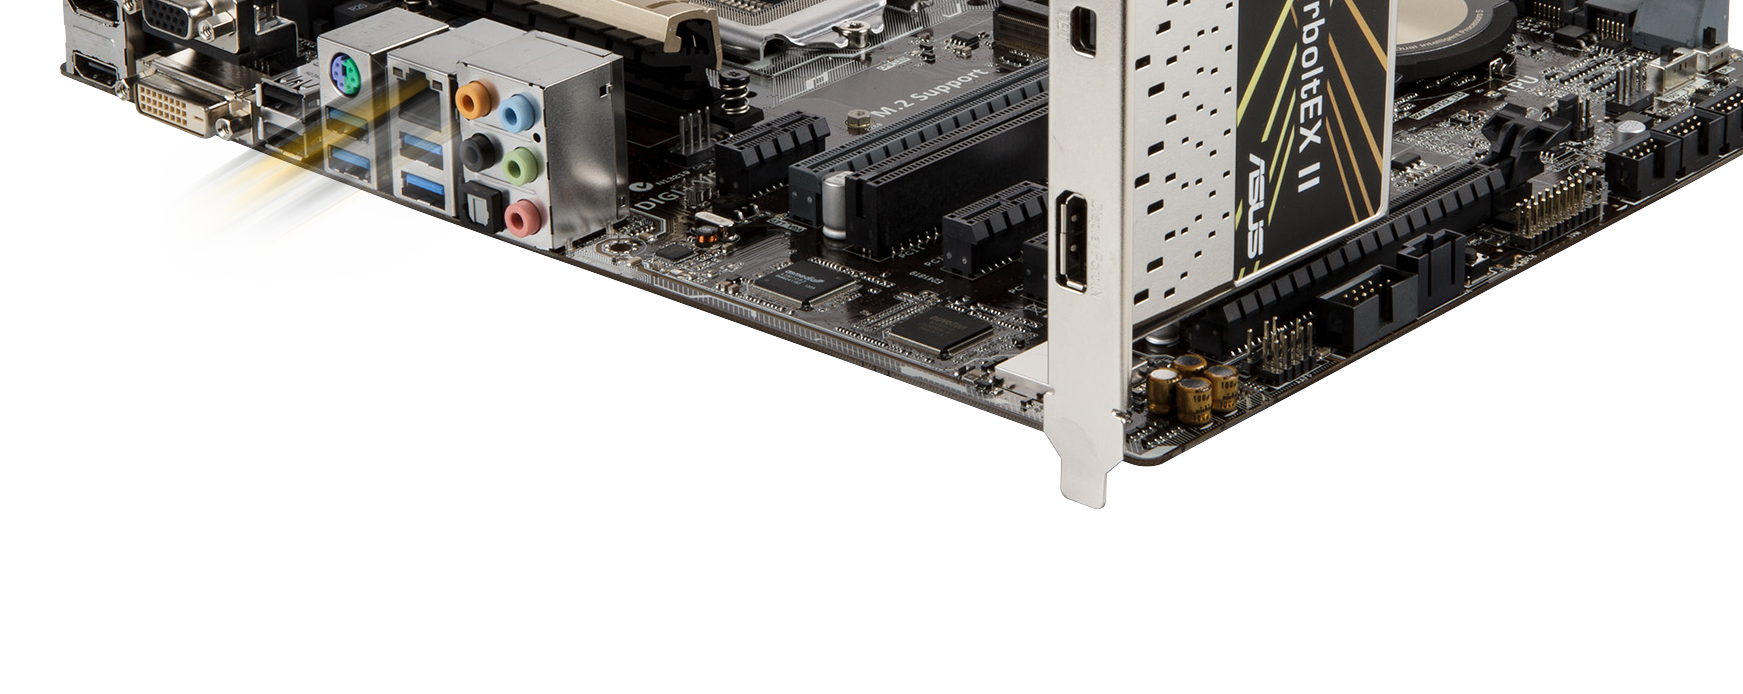 ASUS Z97-E/USB 3.1 INTEL LAN DRIVERS FOR MAC